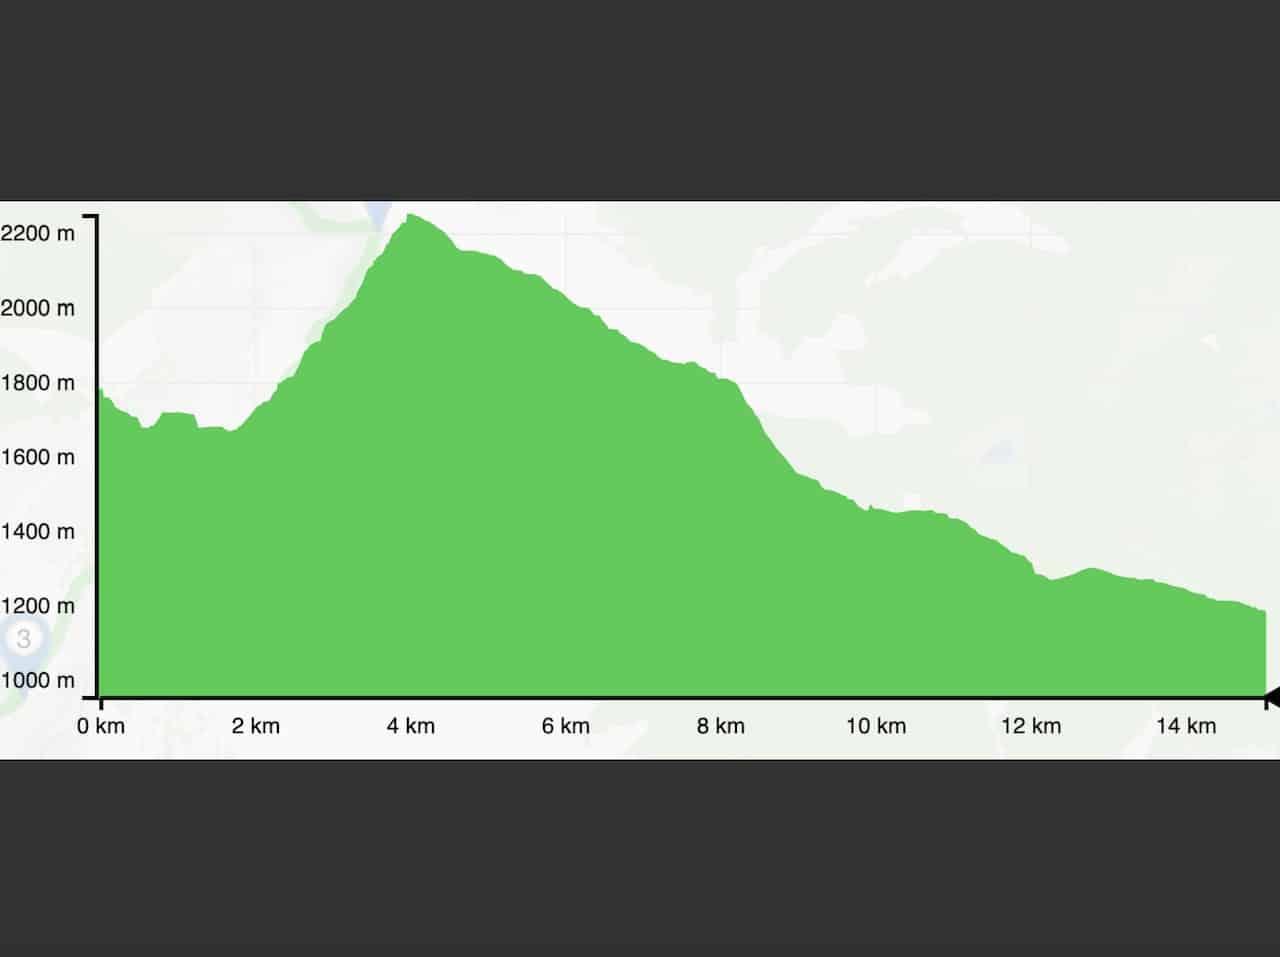 Kleine Reibn Elevation Profile